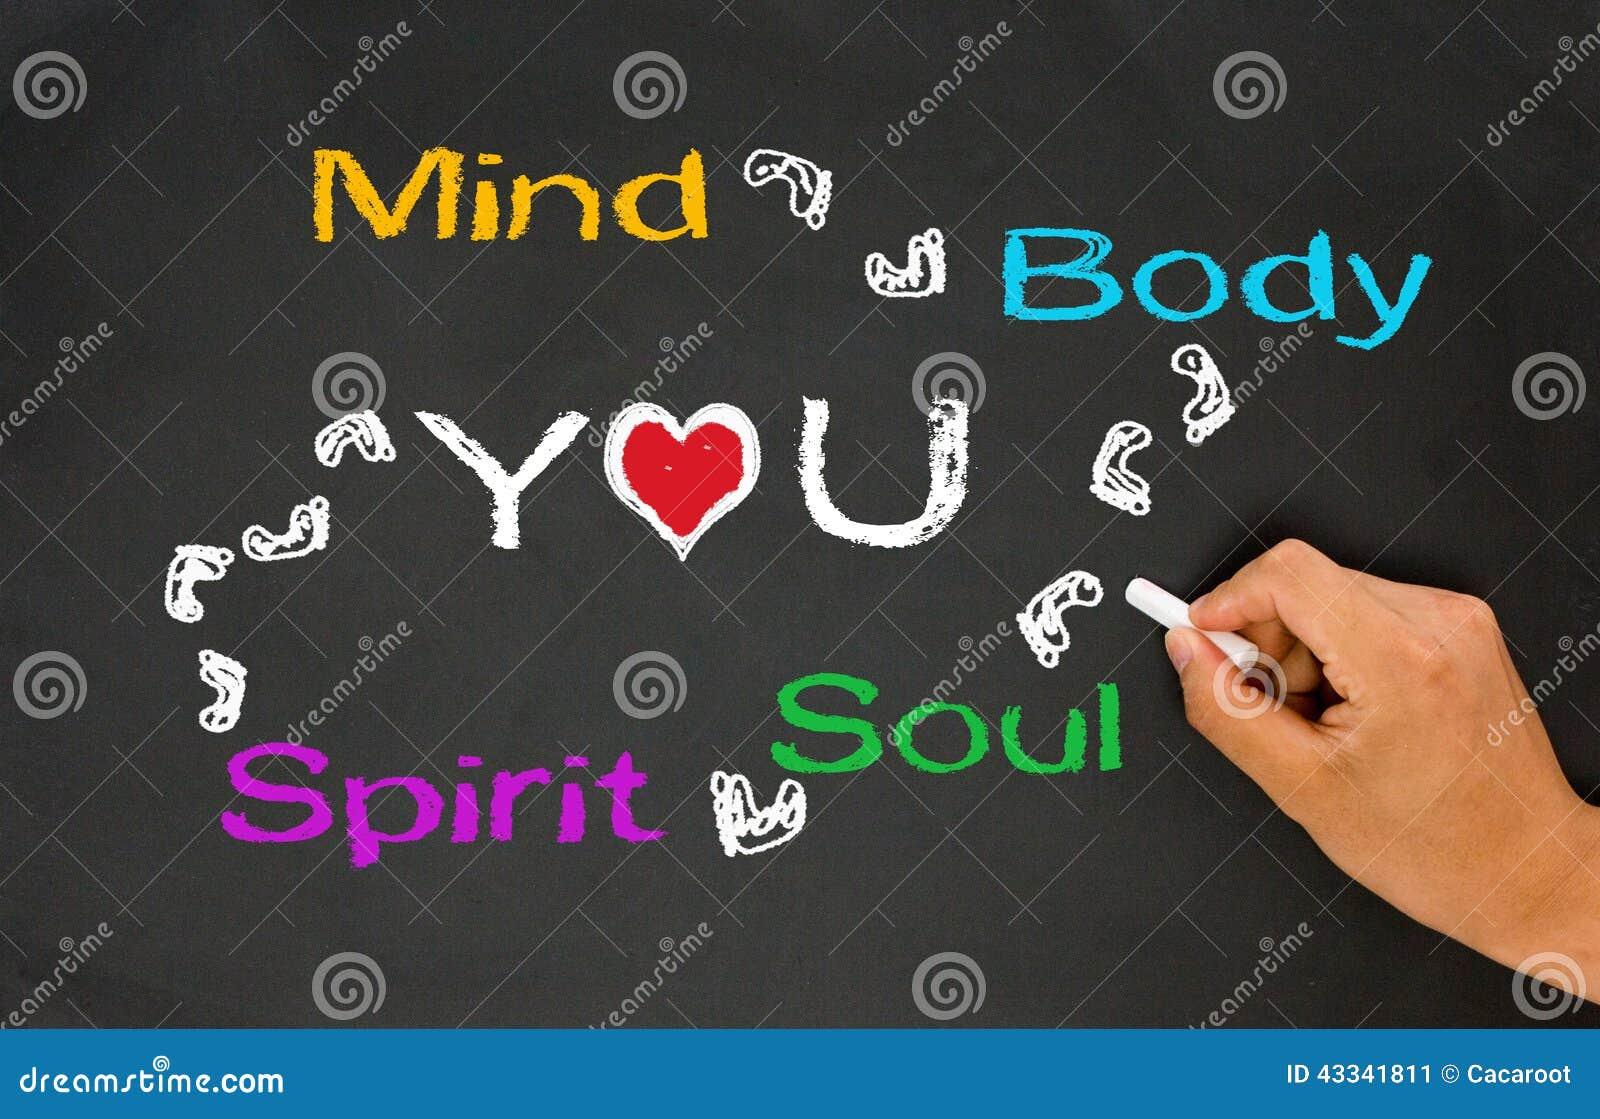 Mente, cuerpo, alma, alcohol y usted